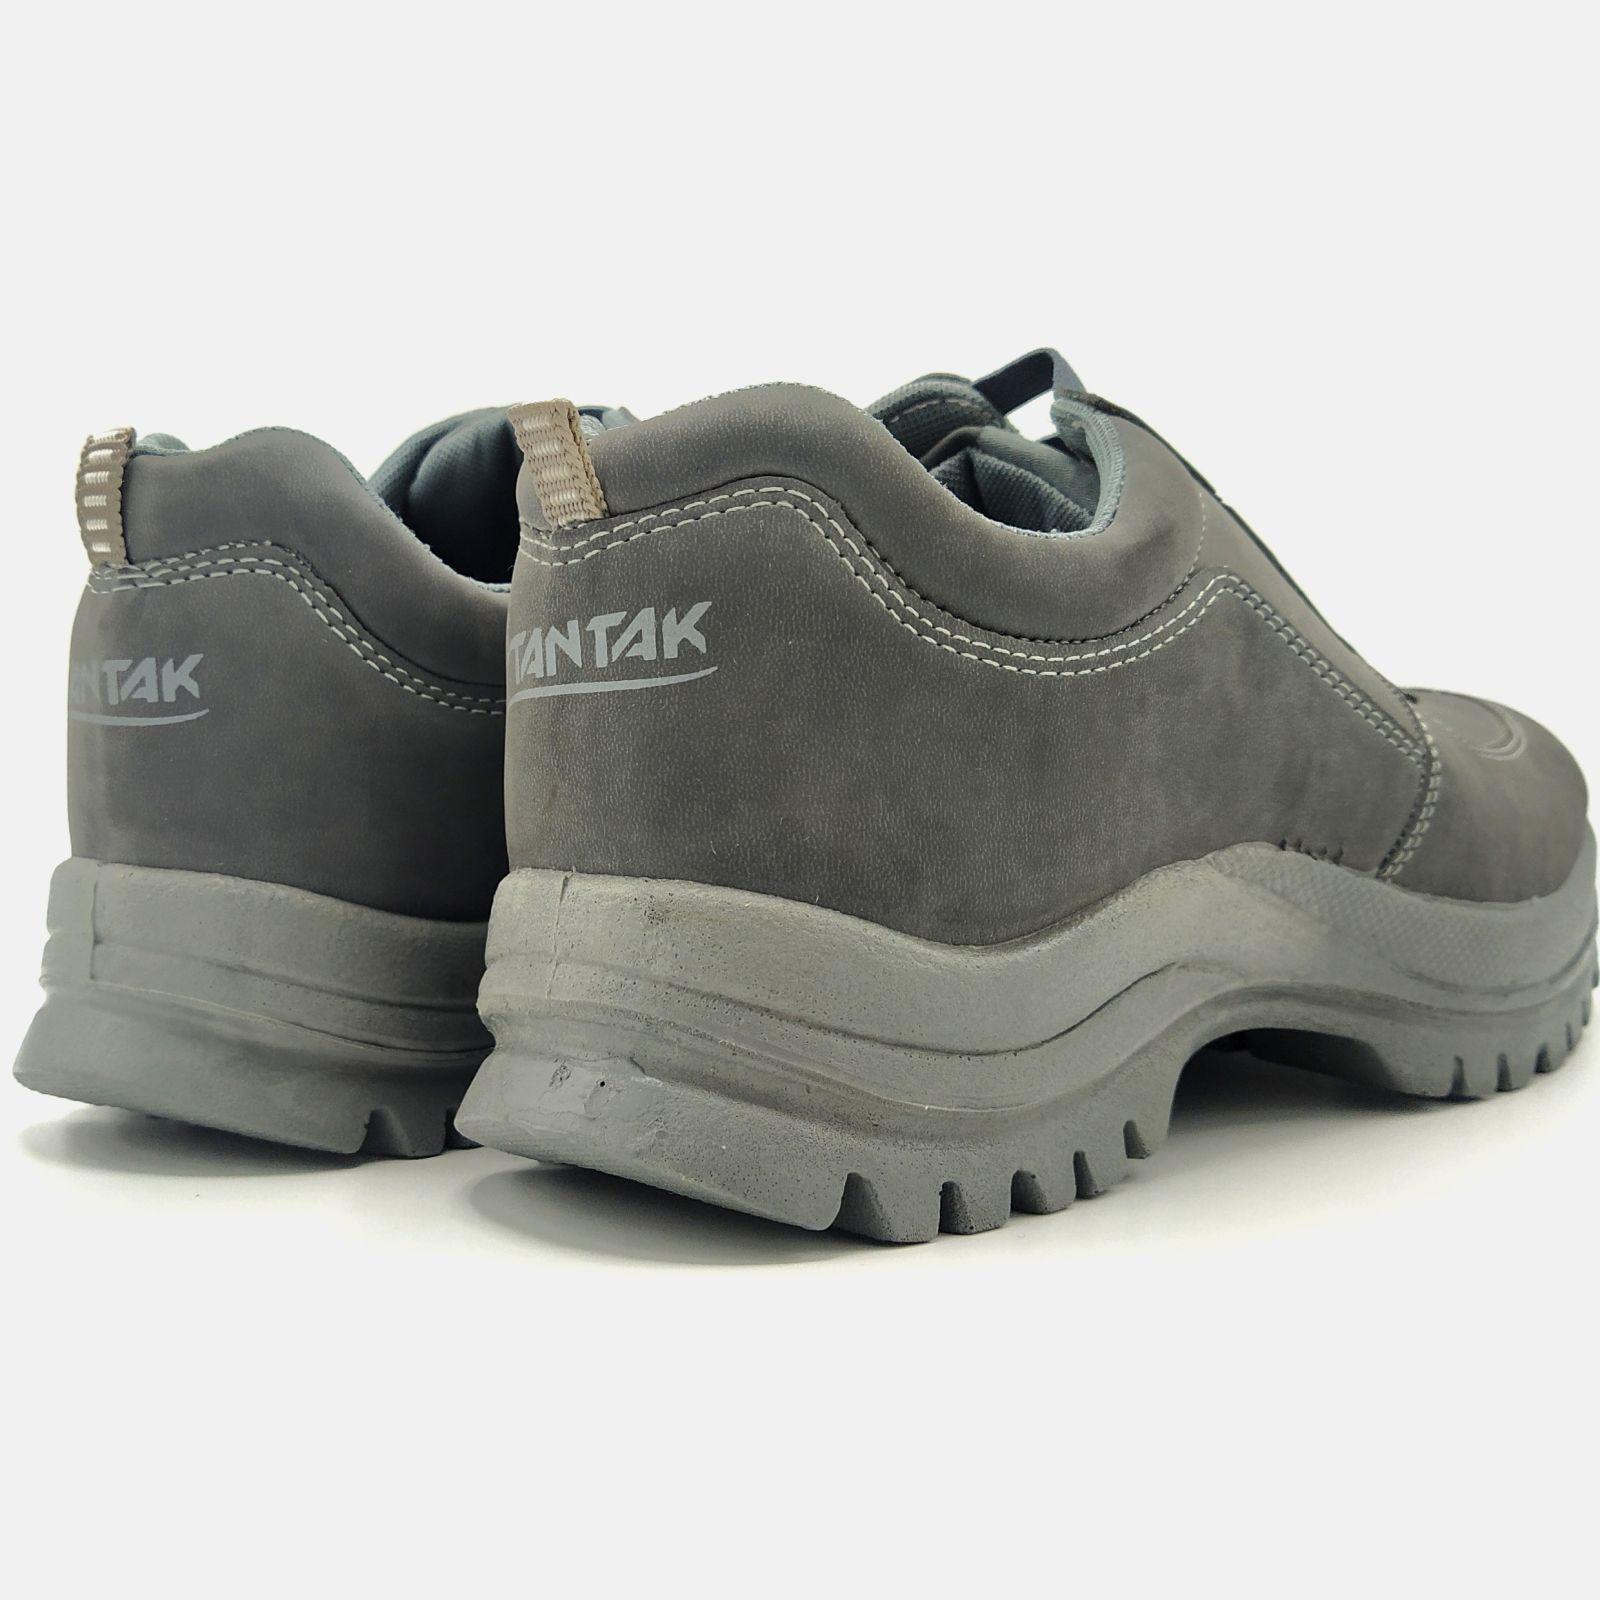 کفش پیاده روی مردانه تن تاک مدل 1421 -  - 5